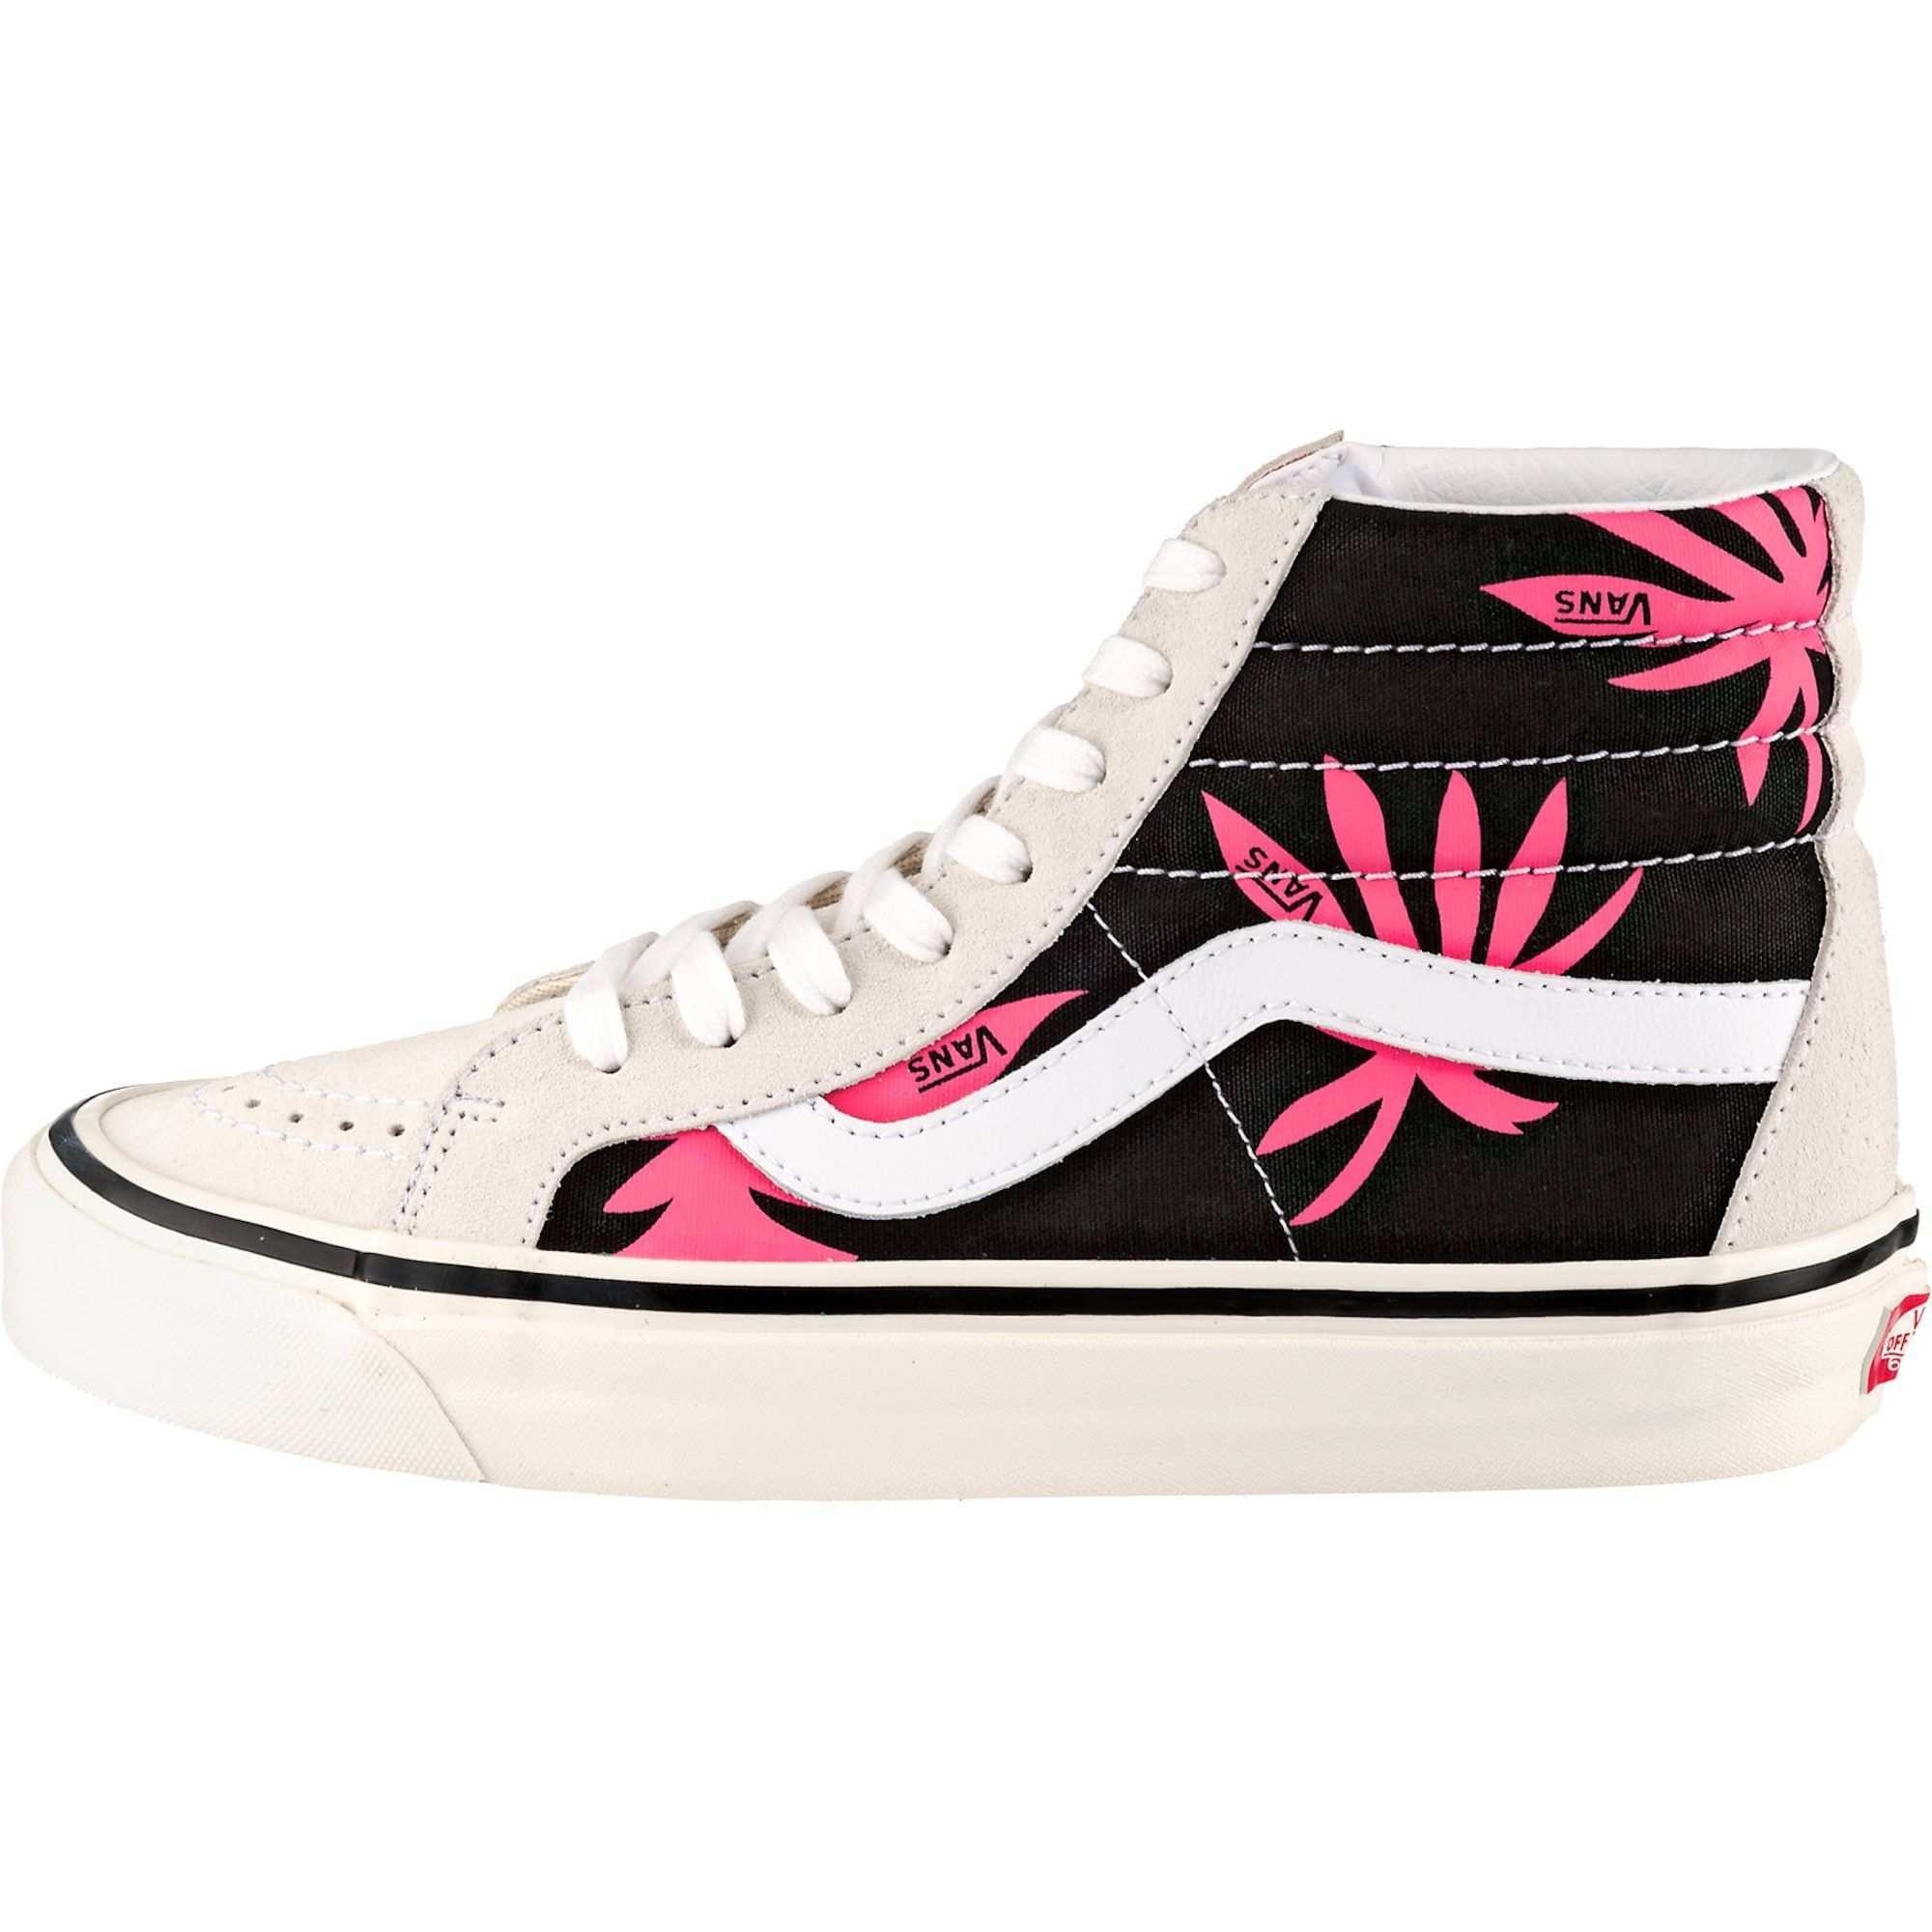 Vans Sneakers Ua Sk8 Hi 38 Dx Damen Beige Pink Schwarz Grosse 40 5 Vans Sneakers Vans Sneaker Damen Susse Schuhe